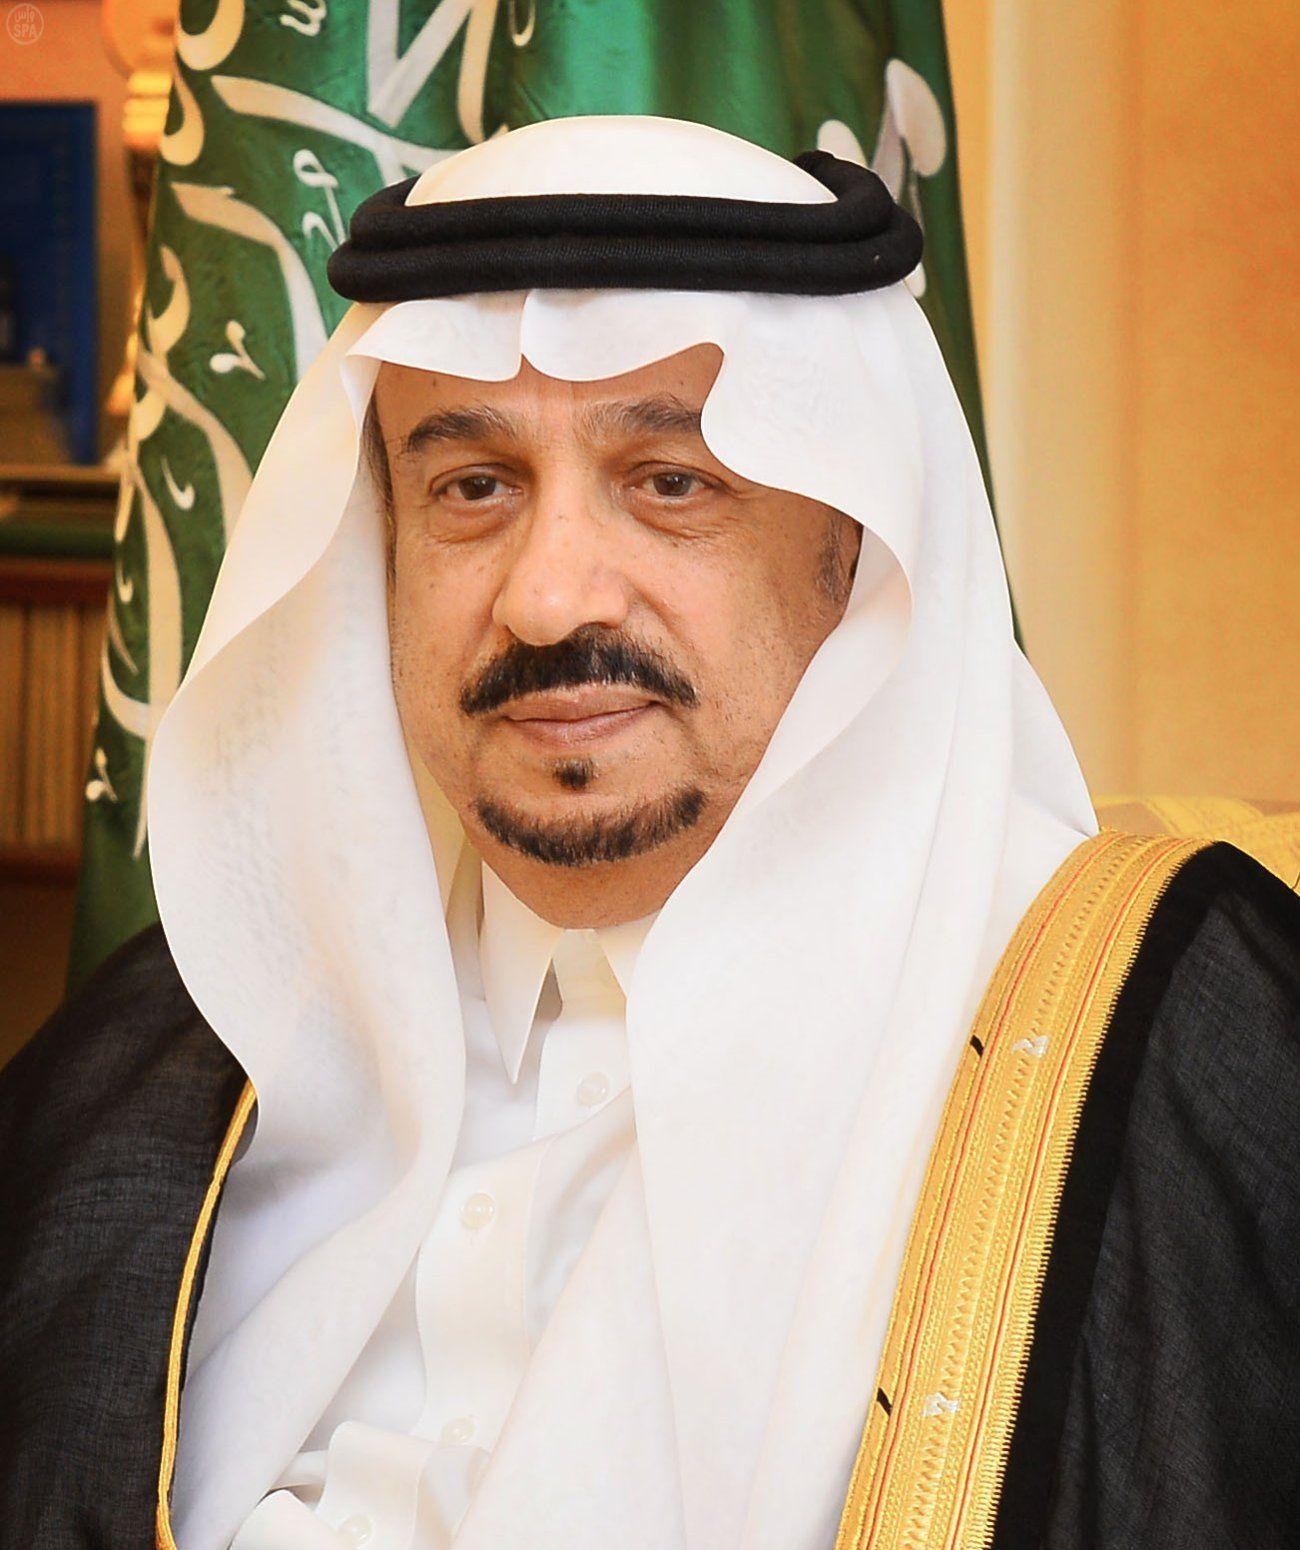 أمير منطقة الرياض يفتتح مركز الأورام بالمدينة الطبية لجامعة الملك سعود الاثنين صحيفة وطني الحبيب الإلكترونية Captain Hat Baseball Hats Nun Dress